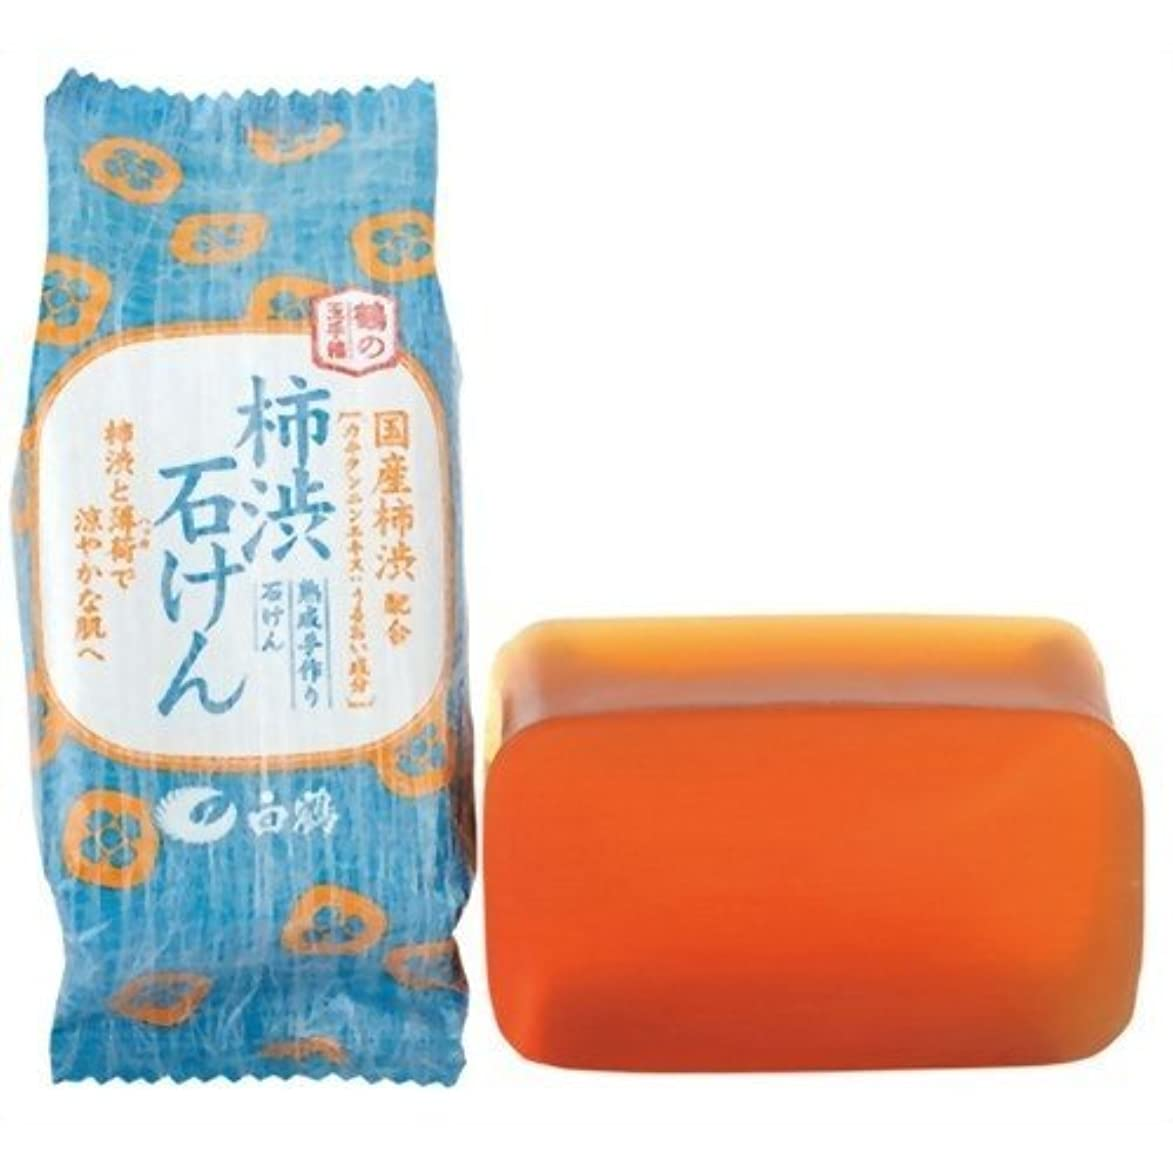 スパン然としたアパート白鶴 鶴の玉手箱 薬用 柿渋石けん 110g × 10個